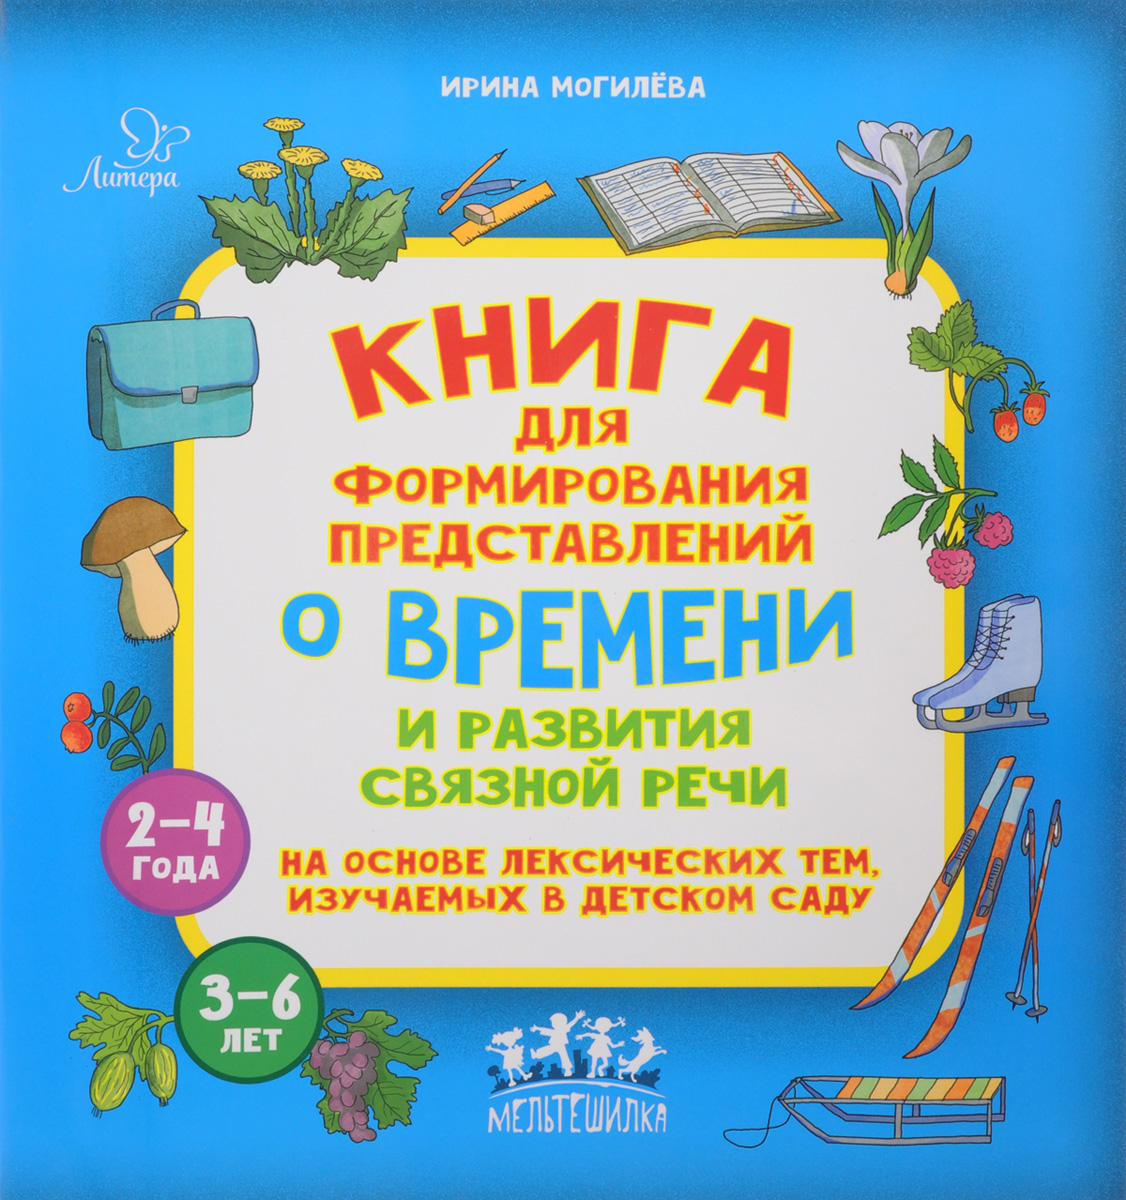 Книга для формирования представлений о времени и развития связной речи на основе лексических тем, изучаемых в детском саду